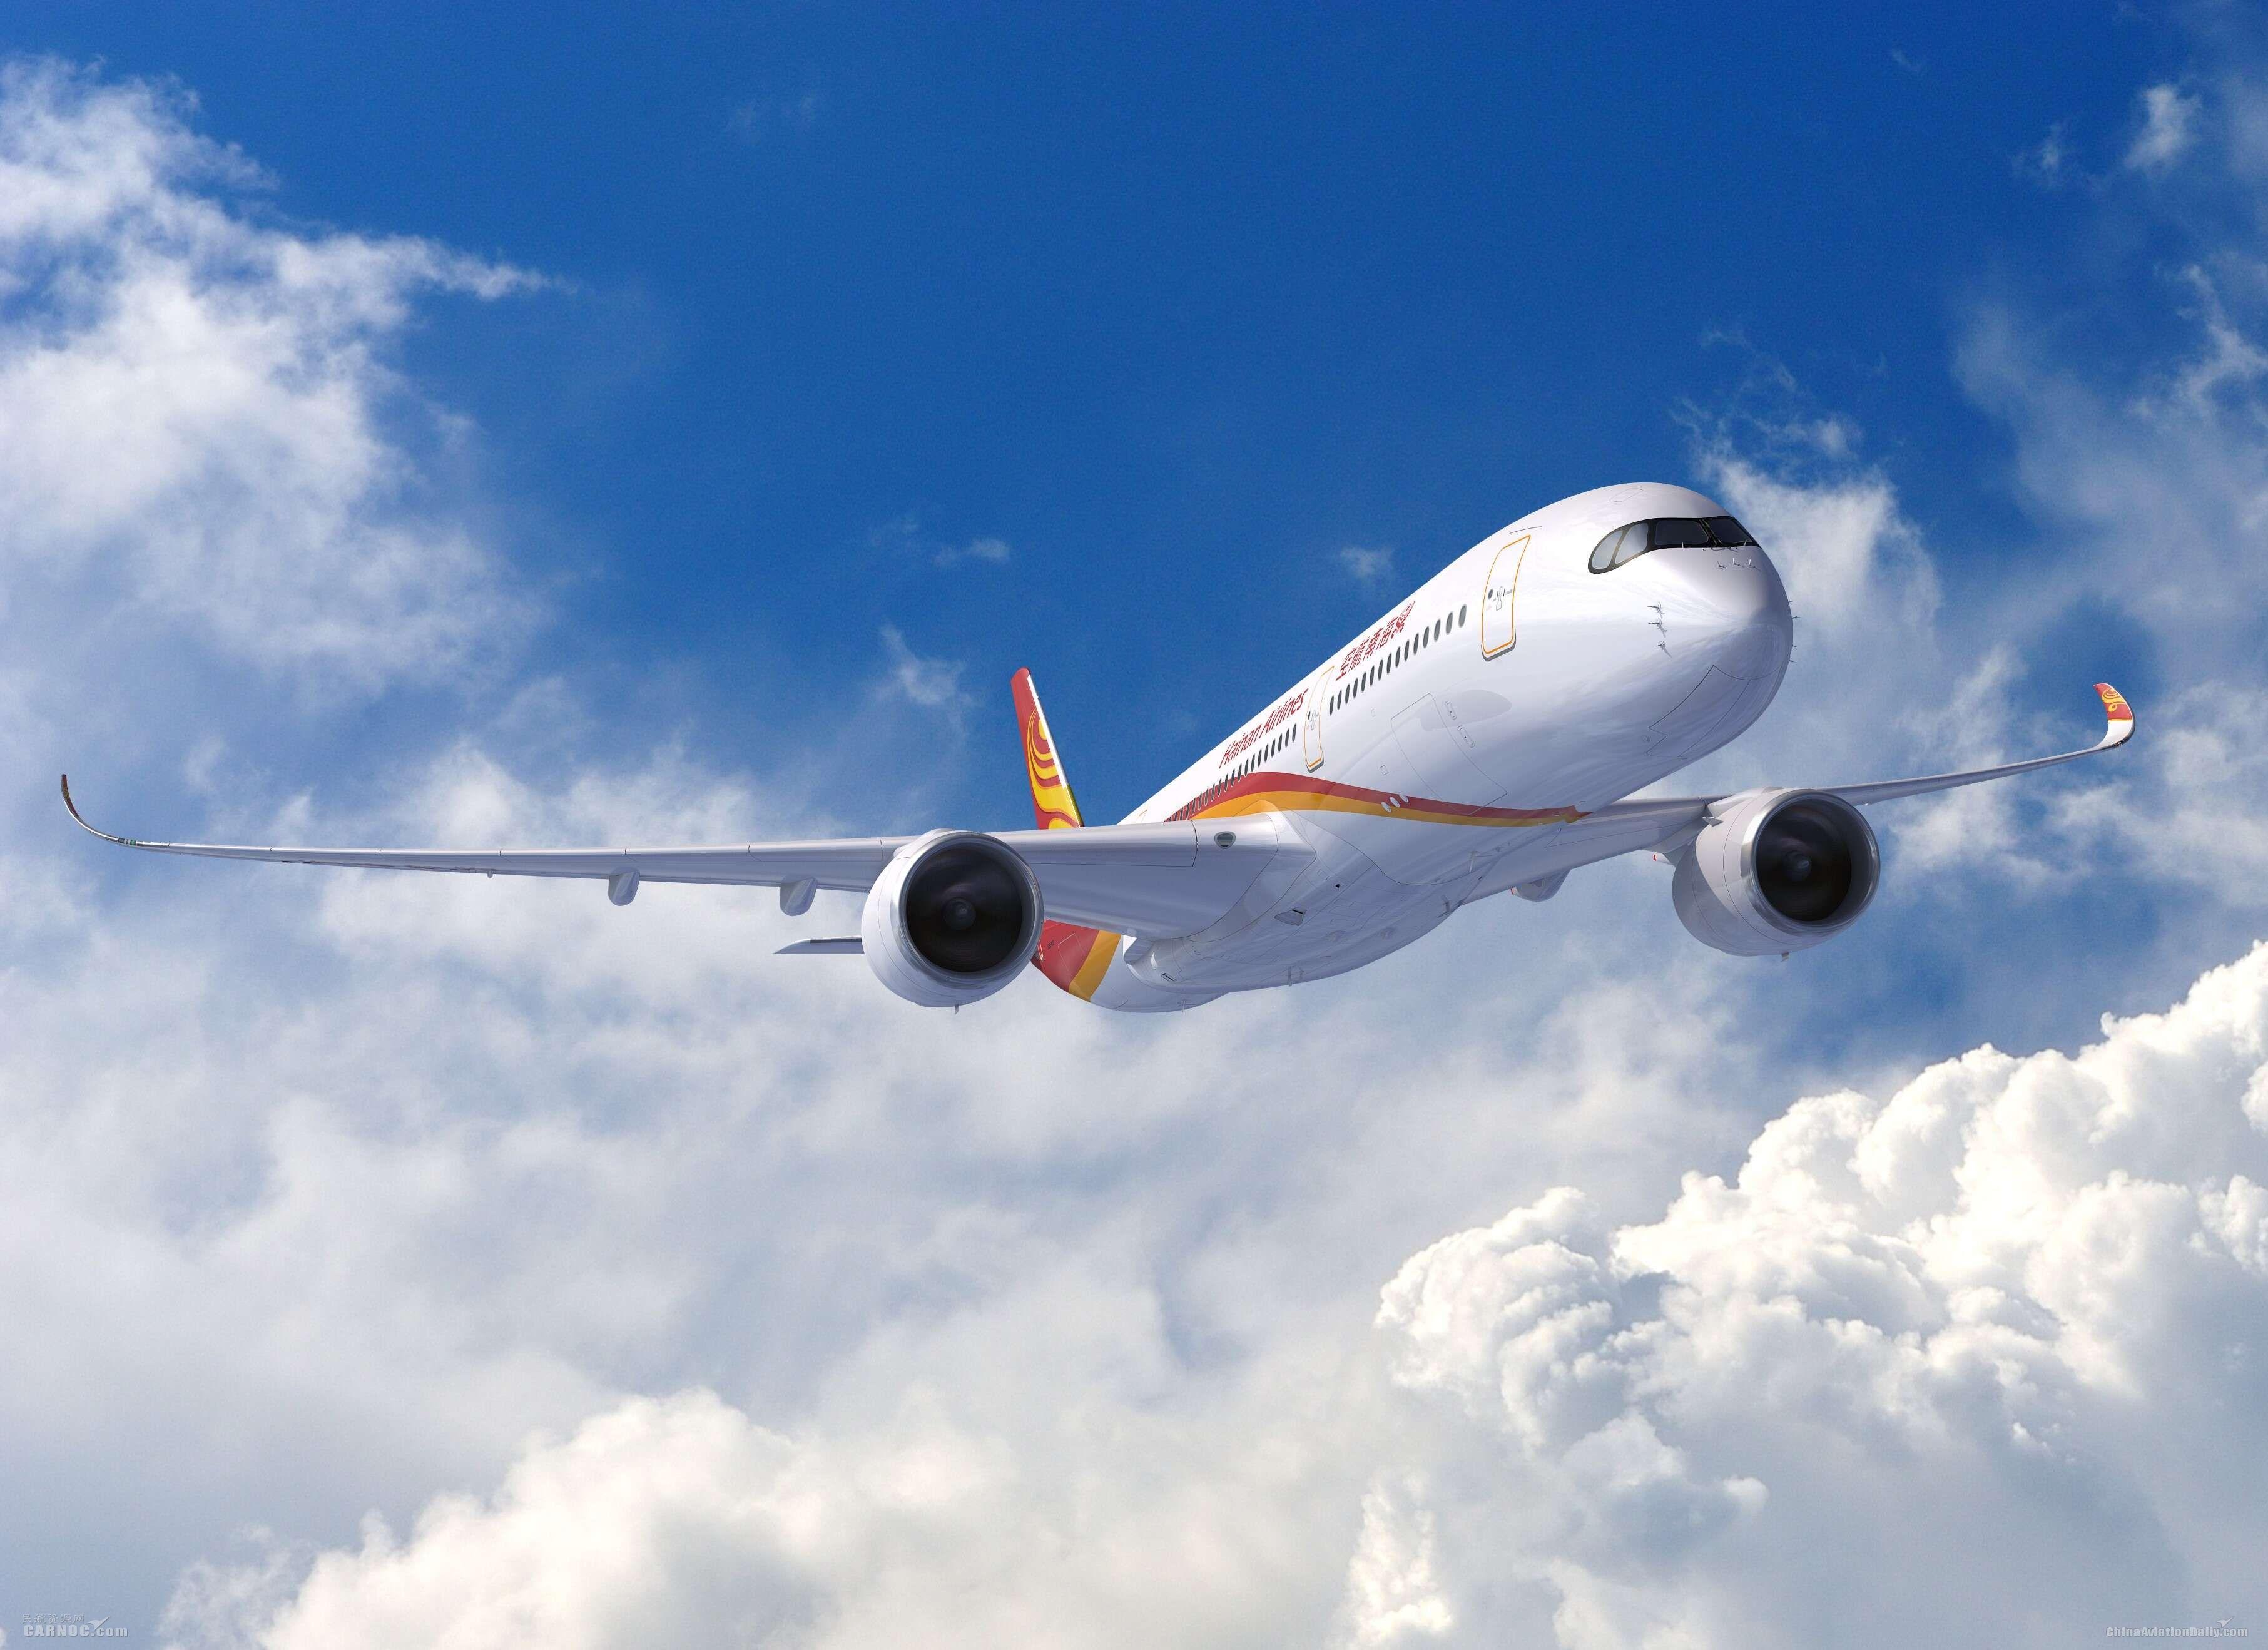 海航机队再添新成员 开启A350时代